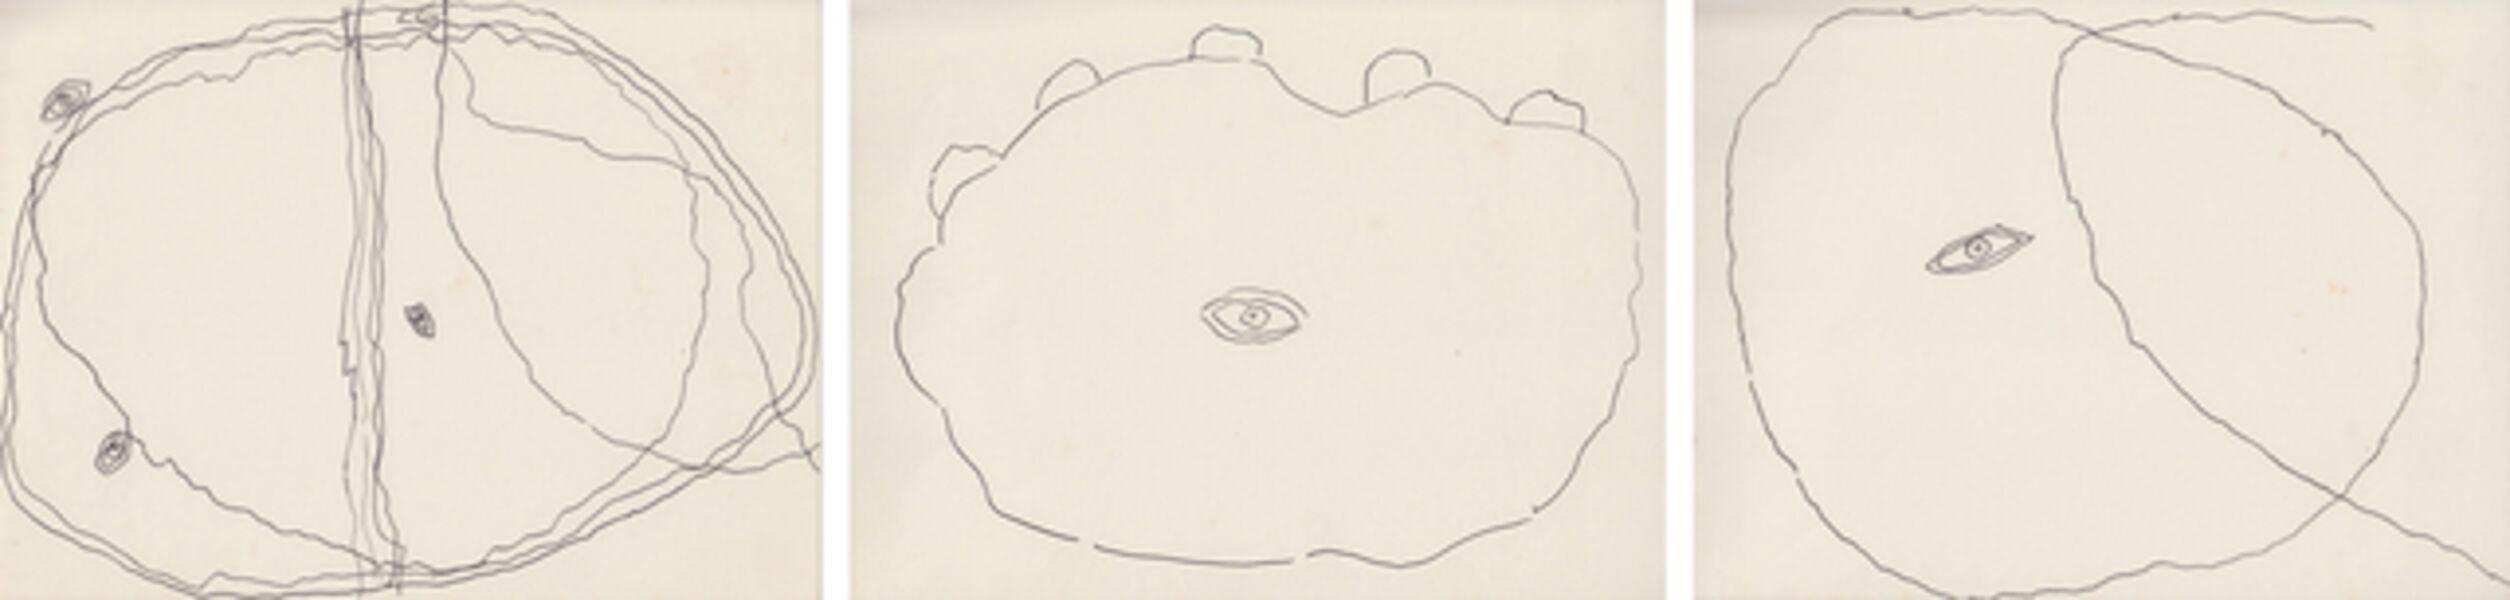 Ricardo Basbaum, 'Untitled', 1985